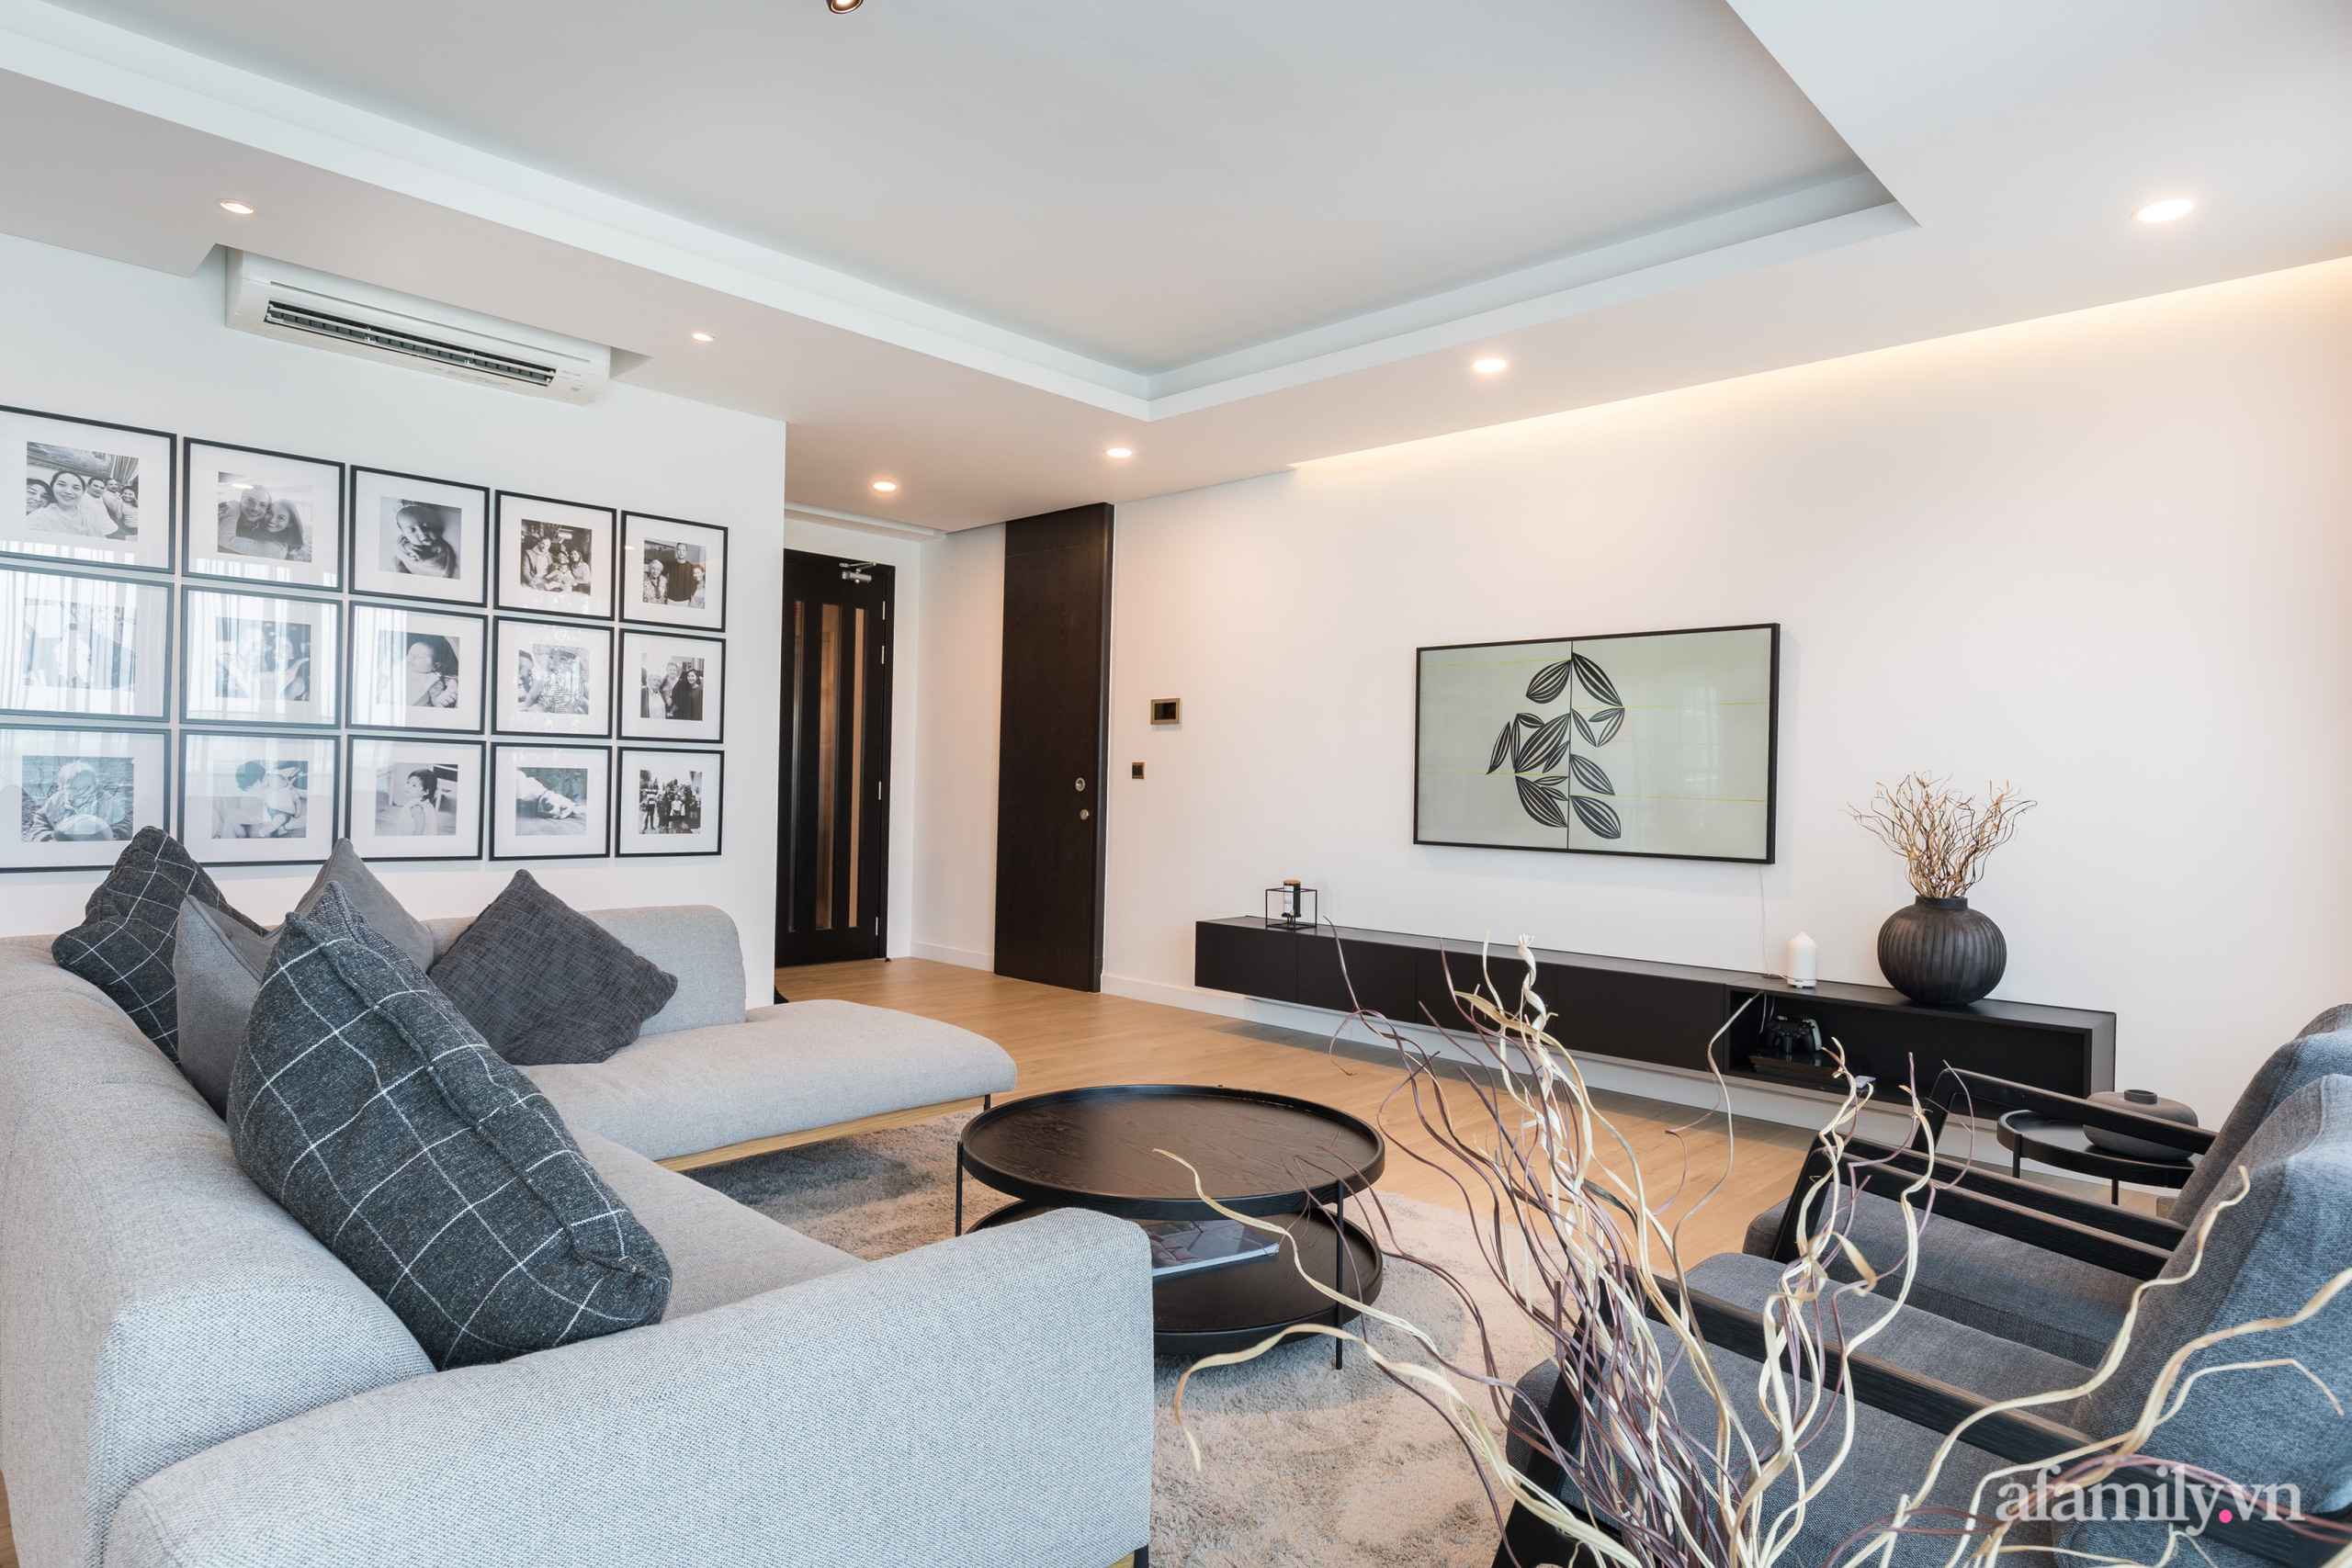 Căn hộ 216m² đẹp sang trọng và hiện đại thu trọn vẻ đẹp quận 2 Sài Gòn trong tầm mắt nhờ phong cách Minimalism - Ảnh 5.